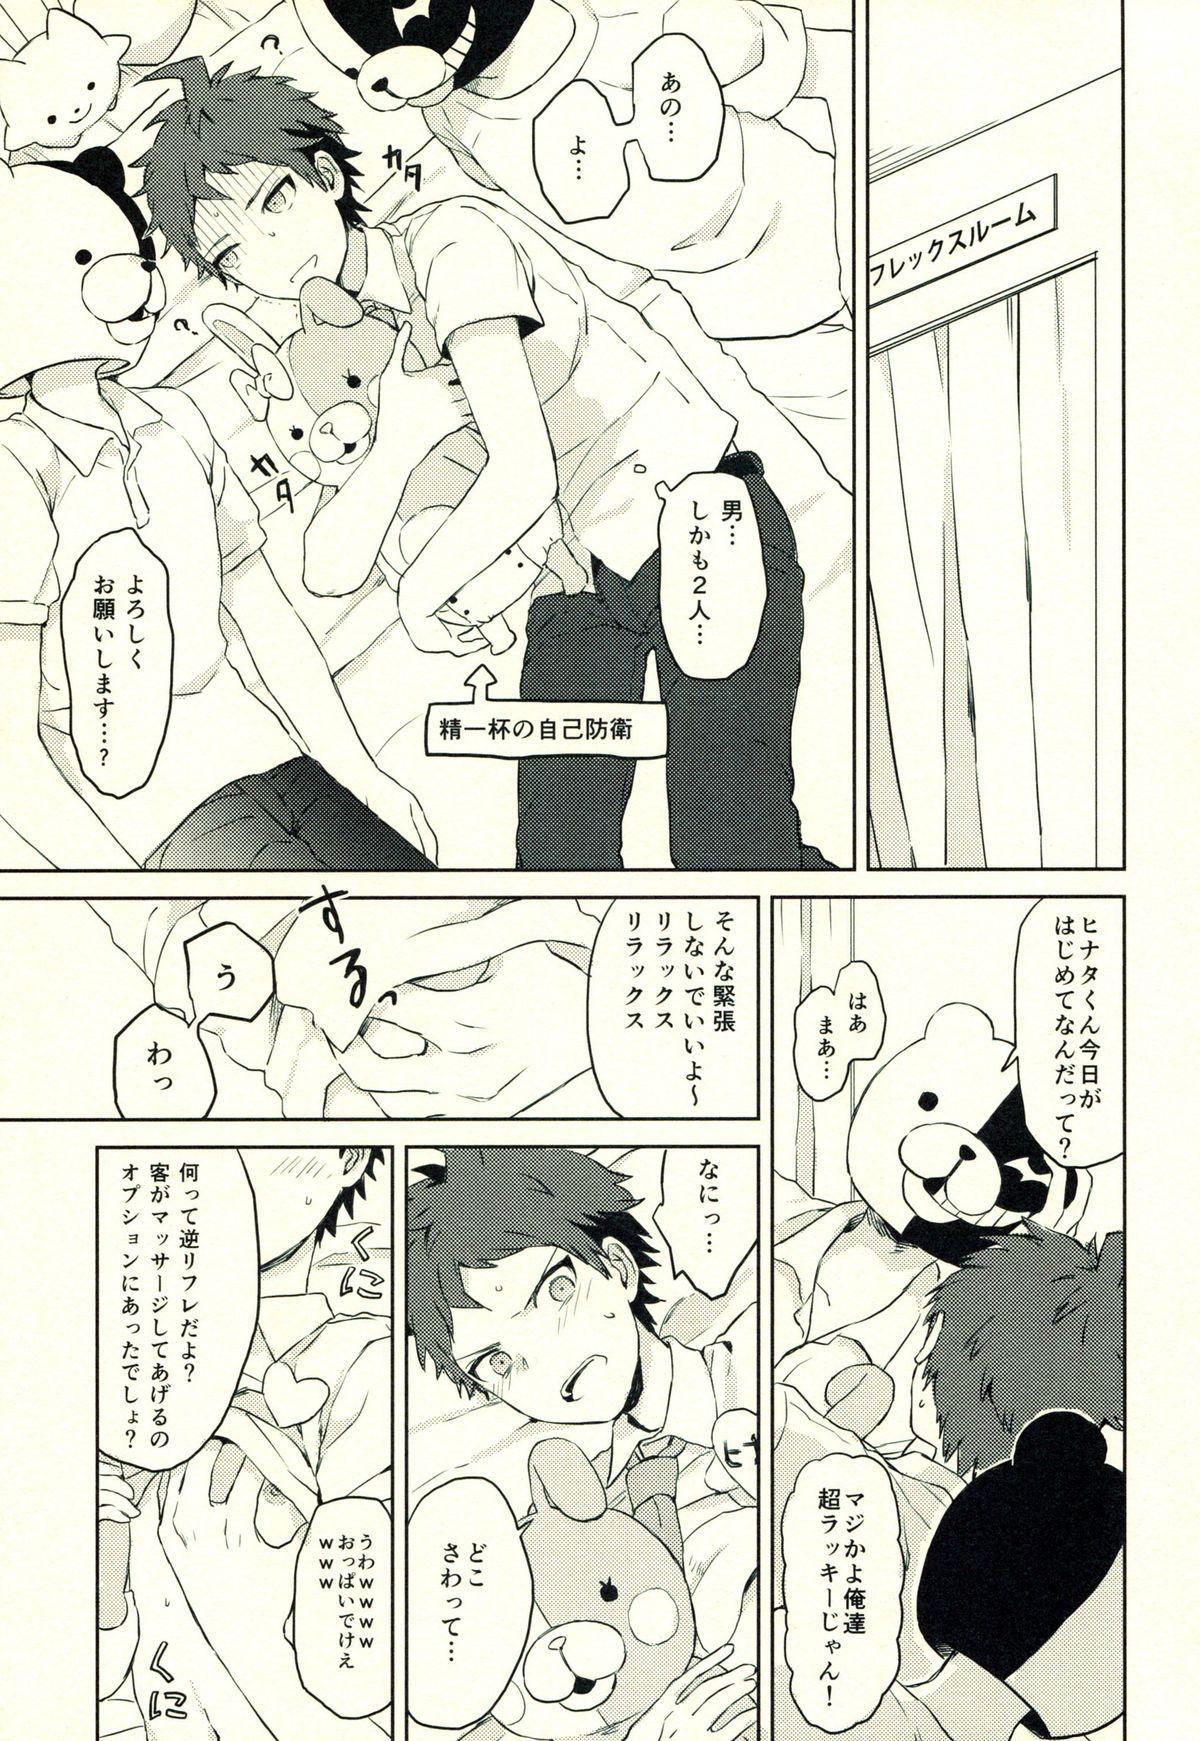 Hinata Hajime no Himitsu no Jikan 73